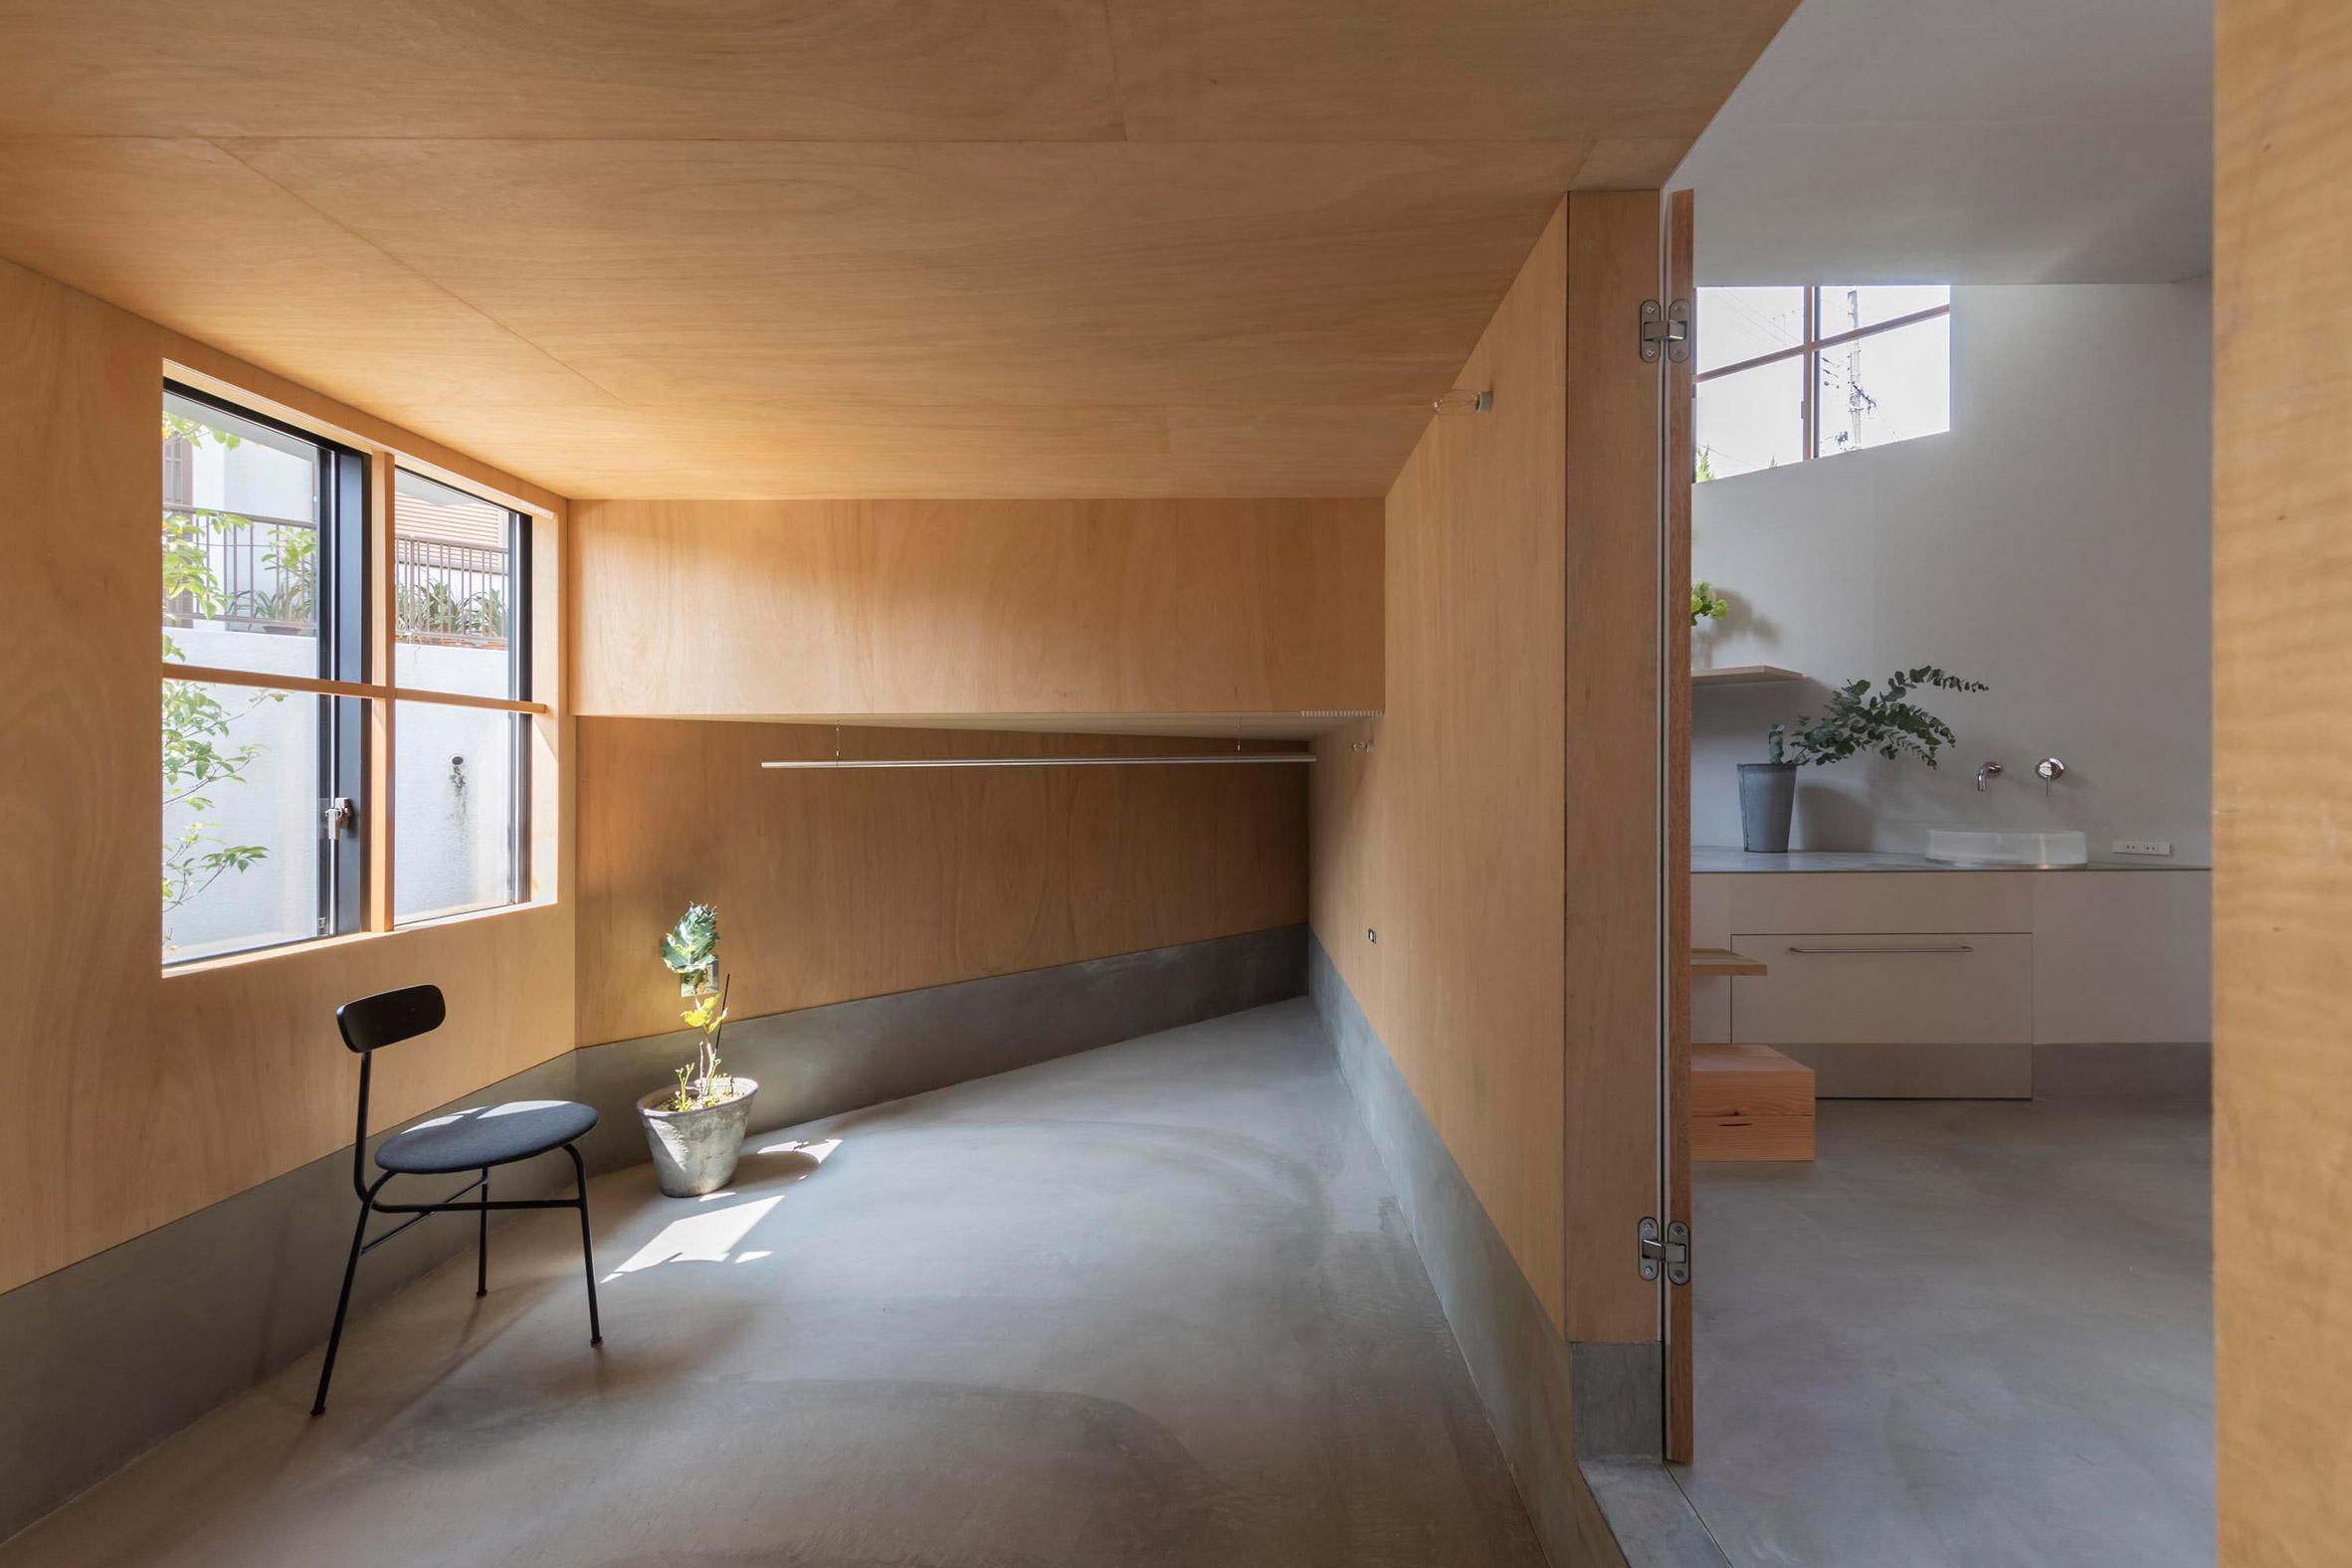 Thiết kế nội thất căn hộ nhỏ 28